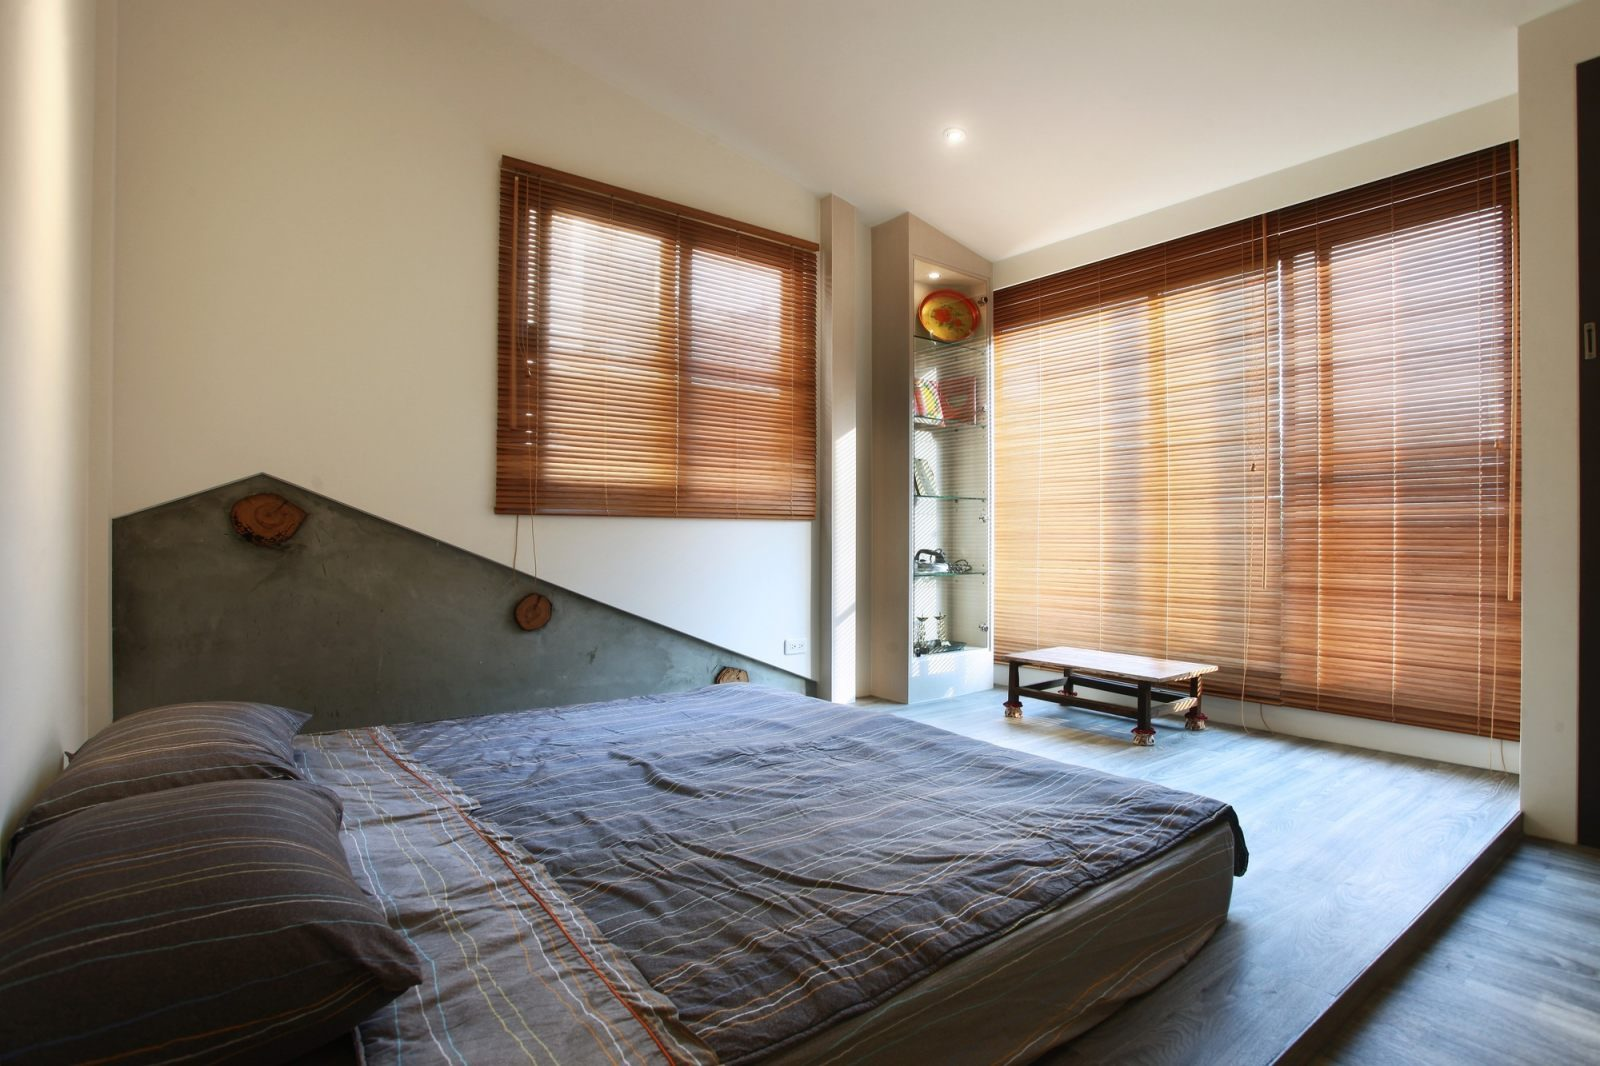 Consejos para una habitaci n minimalista im genes y fotos for Minimalist color scheme interior design